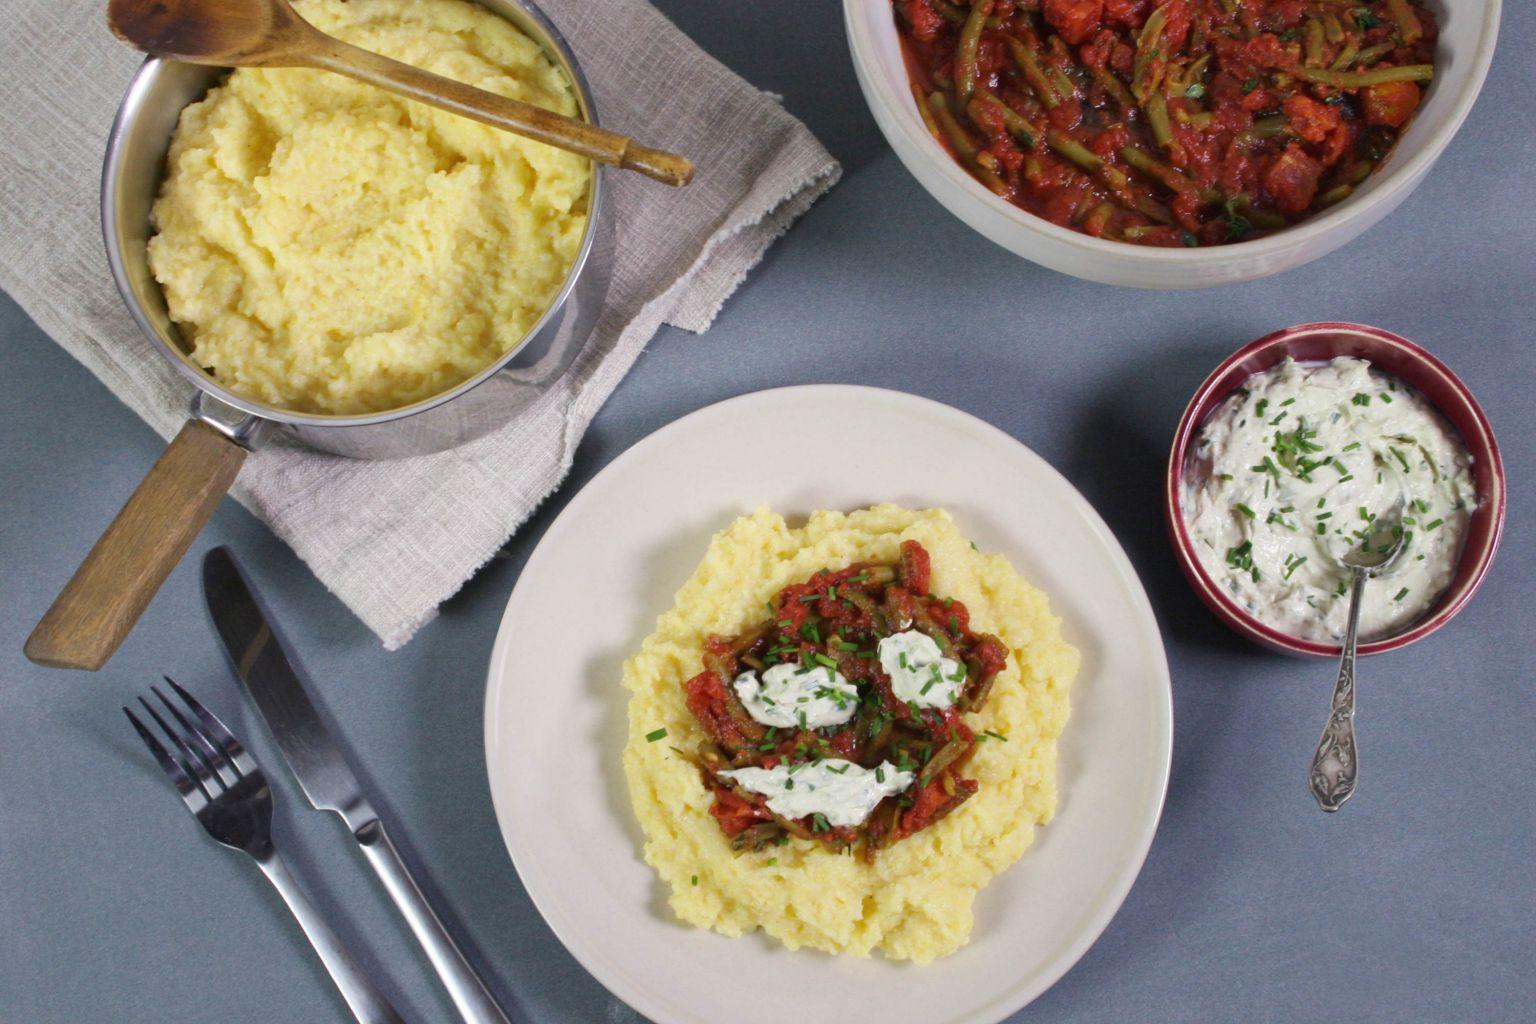 Recette polenta moelleuse la sauce tomate et fromage frais quitoque - Comment cuisiner les germes de soja frais ...